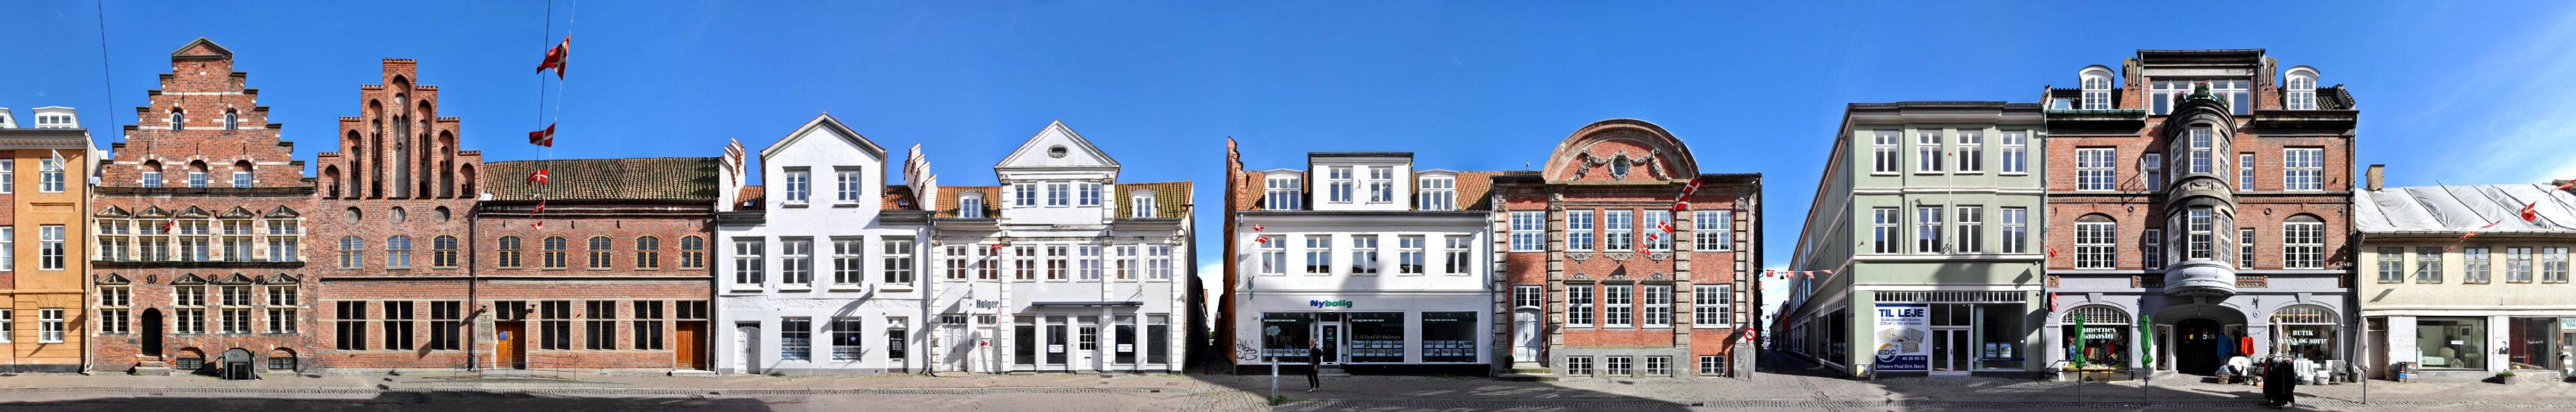 Stengade Fassaden